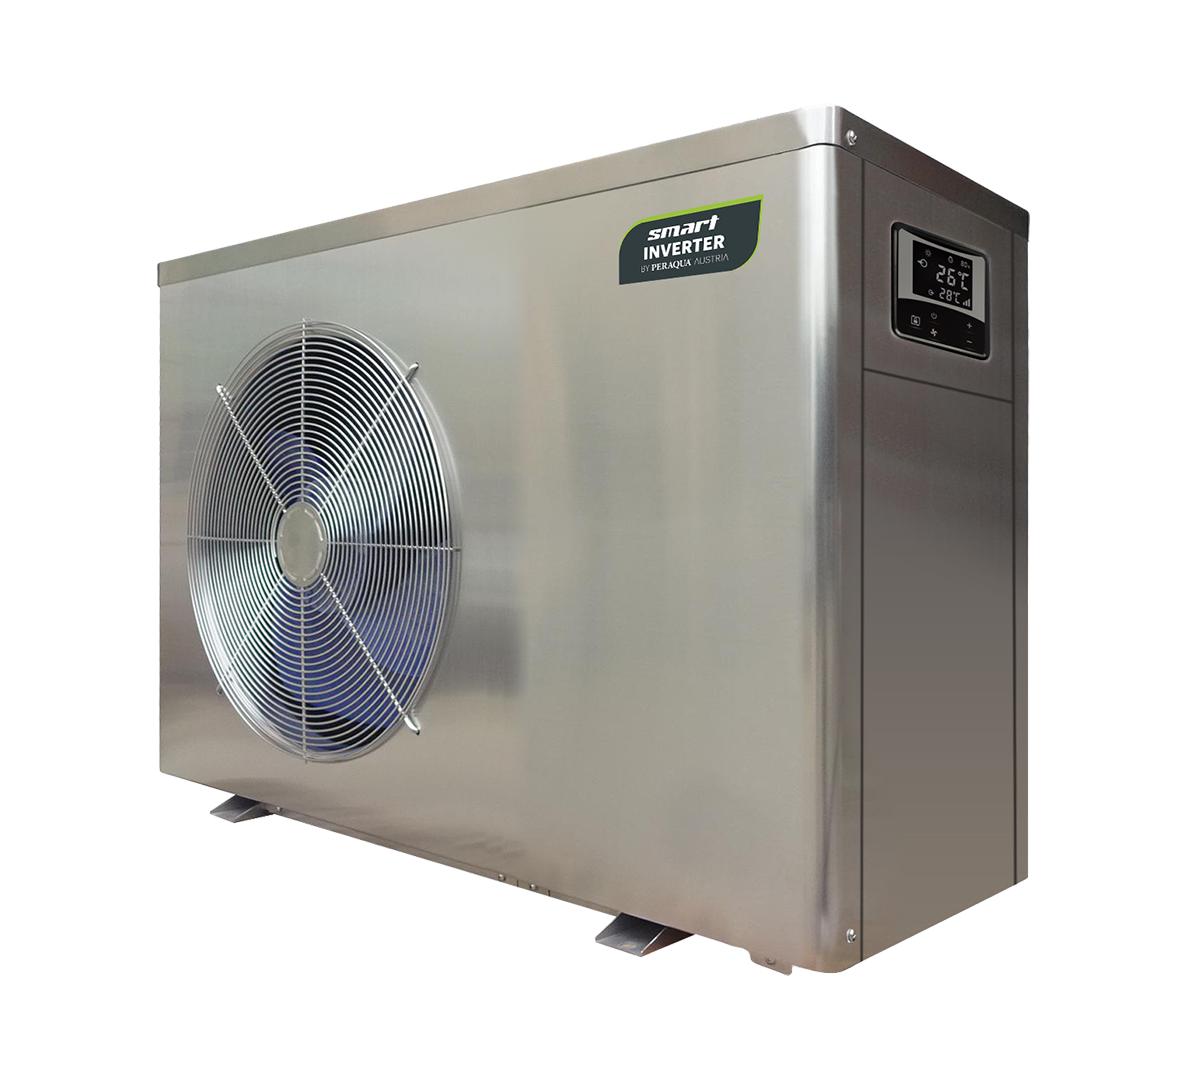 Smart Full Inverter Plus Wärmepumpe H+C 12,8kW, V2A, Kältemittel R32 Smart Full Inverter Plus Wärmepumpe H+C 12,8kW, V2A, Kältemittel R32